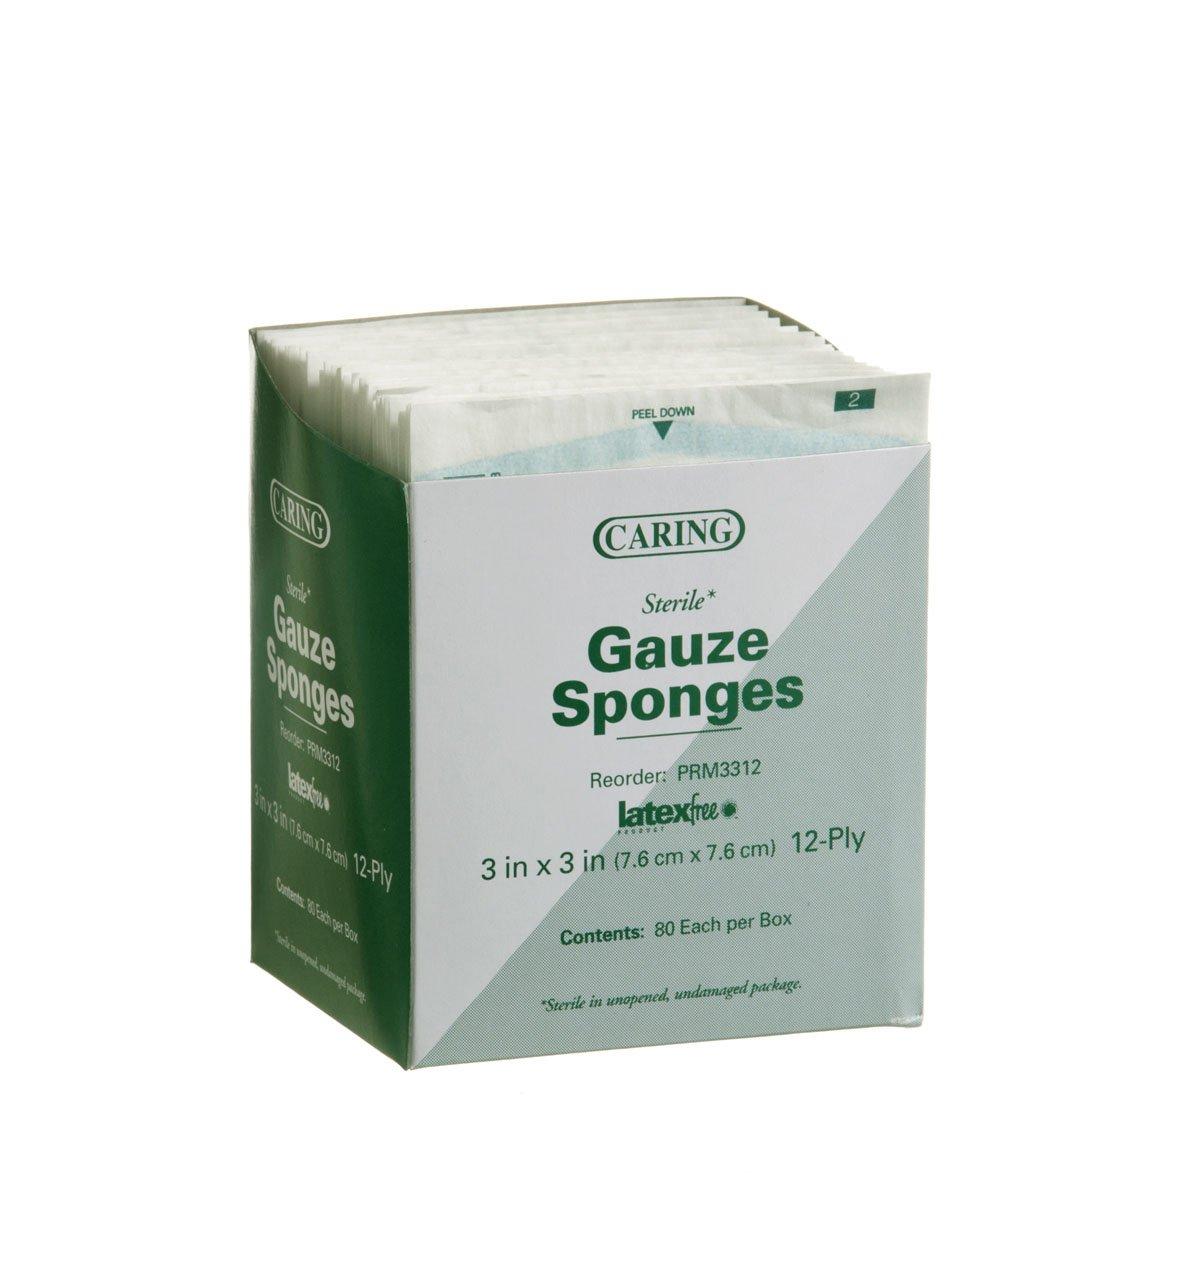 Medline PRM3312 Caring Woven Sterile Gauze Sponge, 3'' x 3'', 12-Ply (Pack of 2400)